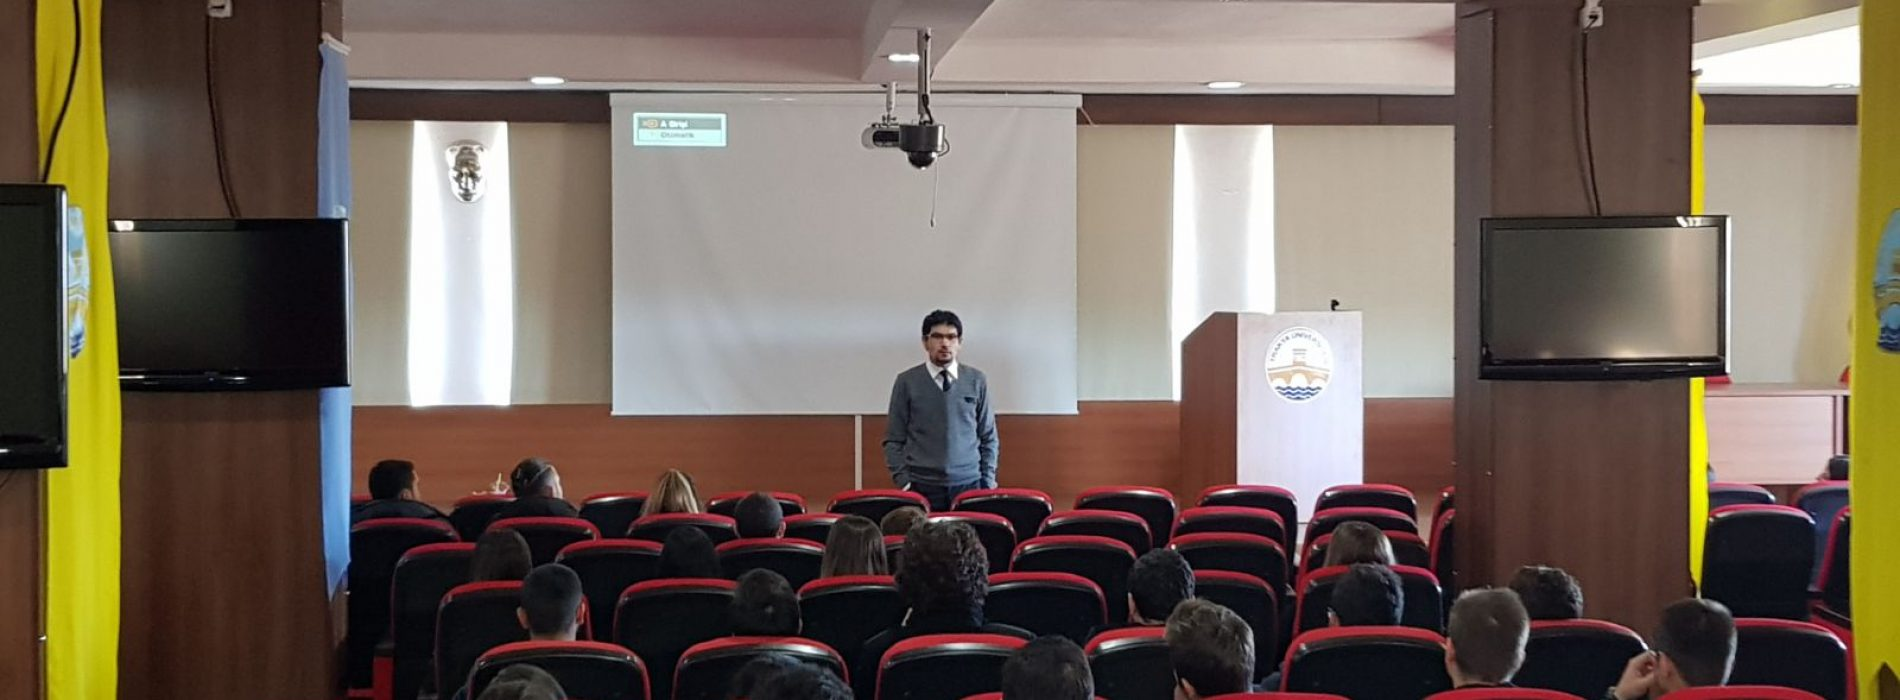 Trakya Üniversitesi'ndeydik